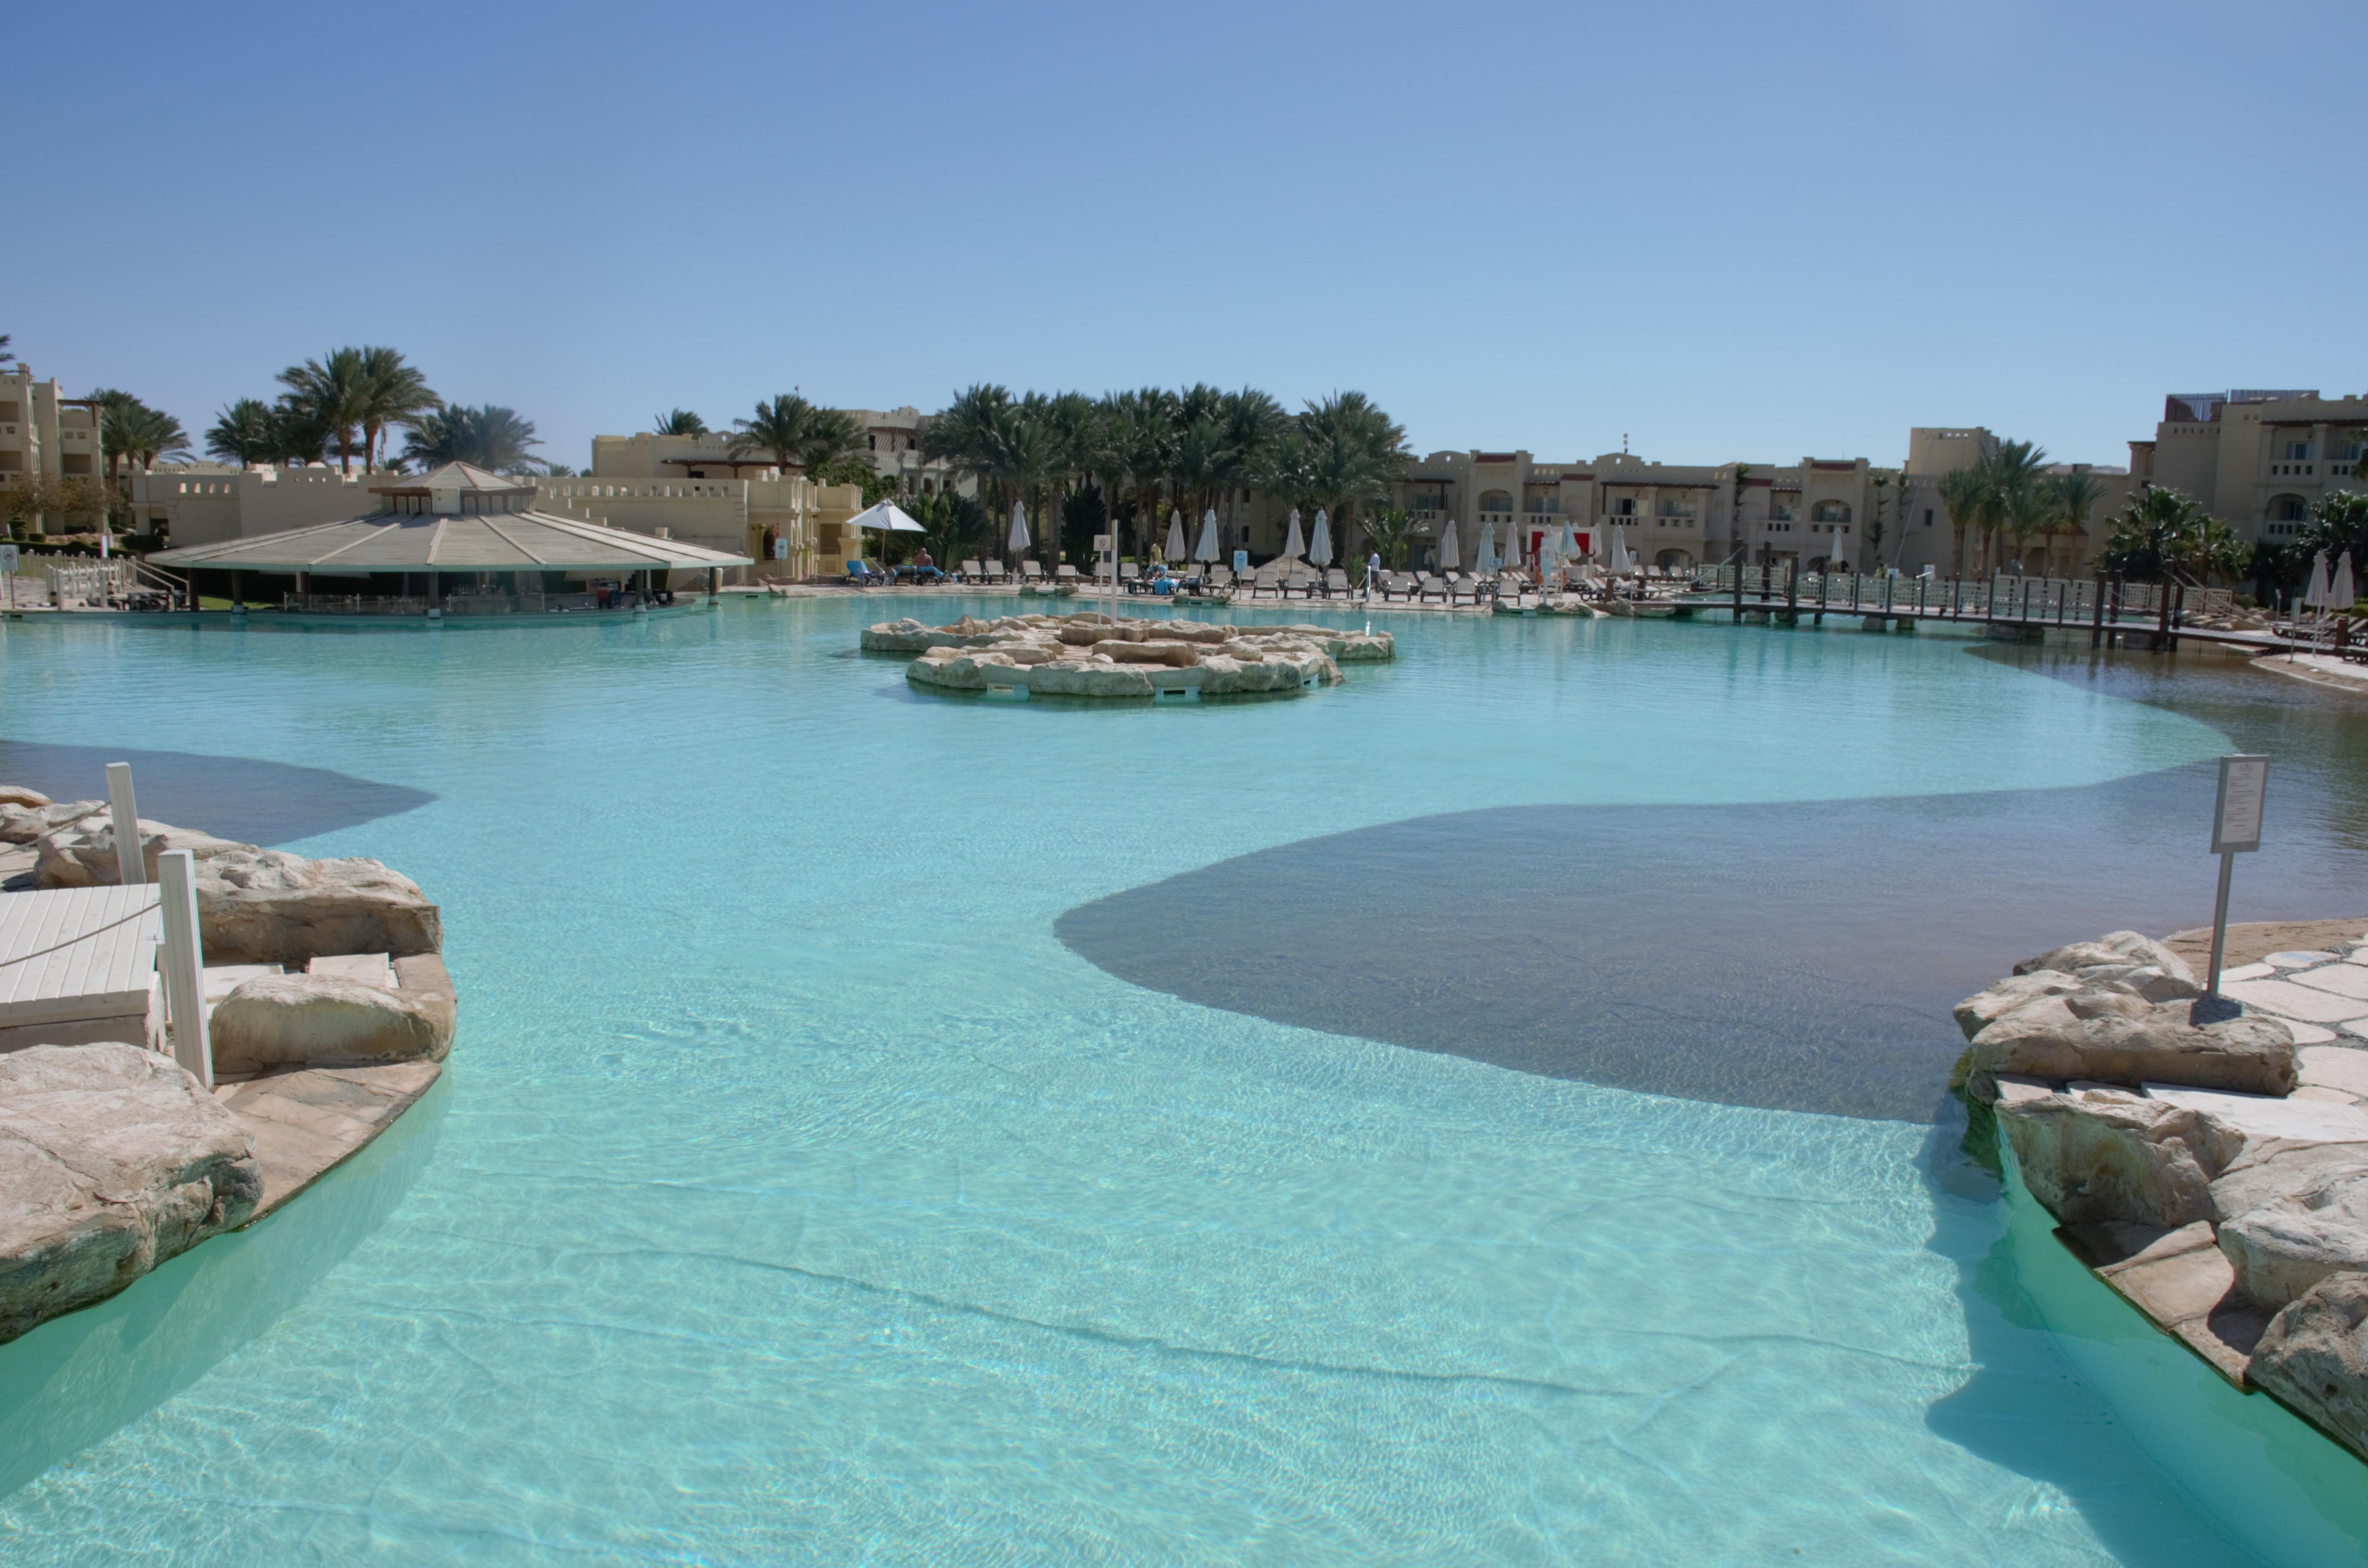 Mısır, Taba - dalış için bir cennet ve çocuklu aileler